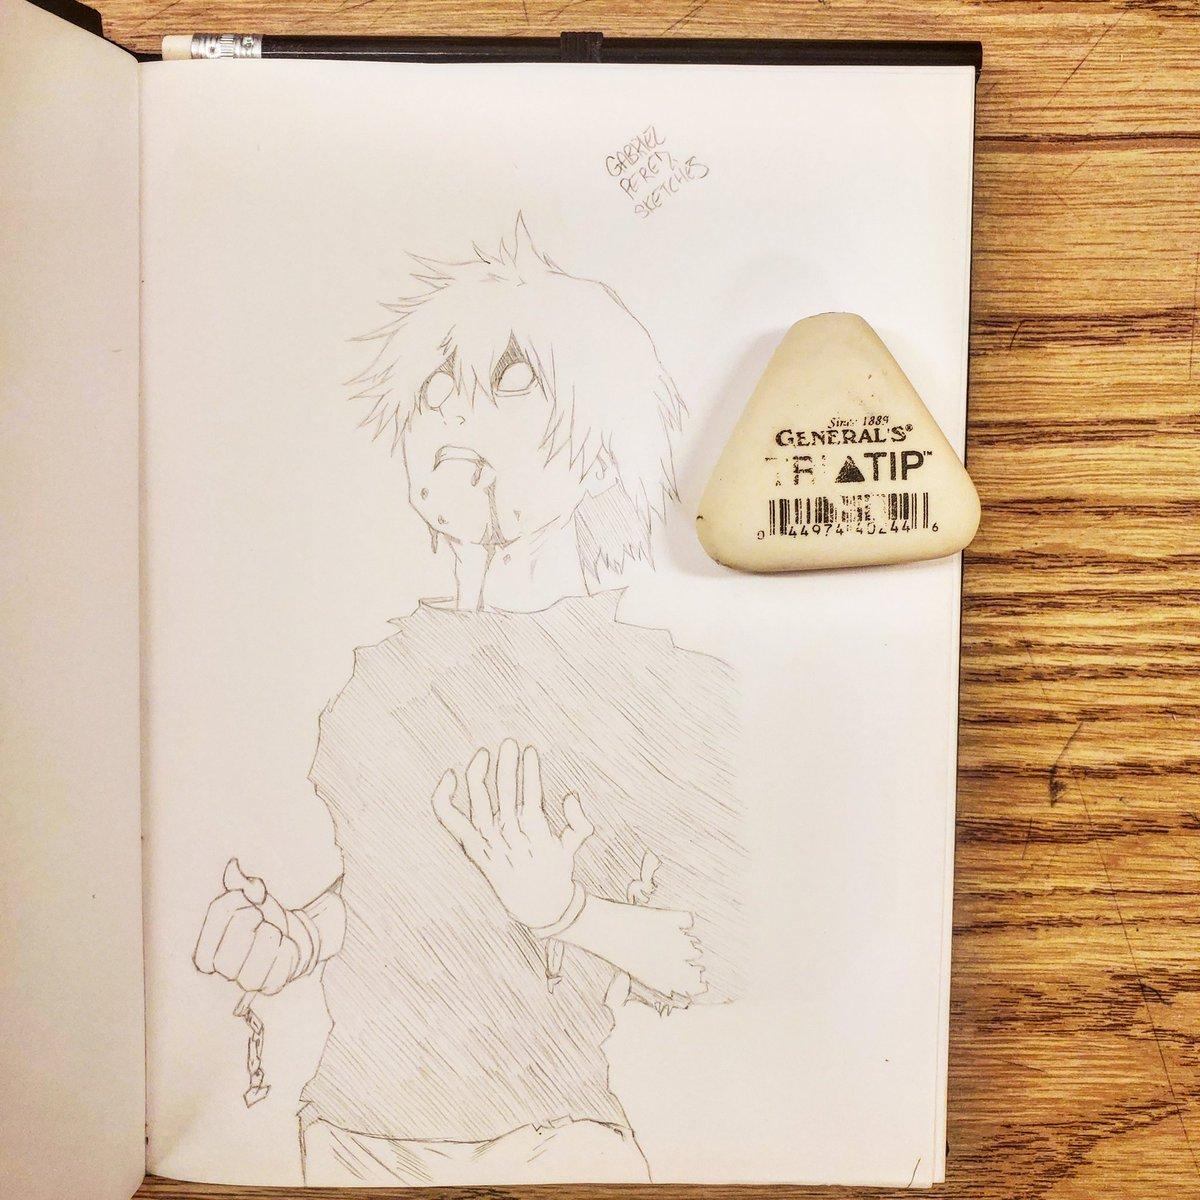 Kaneki Ken 🖊️  #sketchbook #sketchbookart #sketching #sketchbookdrawing #dailysketches #sketchdaily #pendrawing #quicksketch #justdraw #sketchpad #sketchoftheday #pencildrawing #figuredrawing #drawsomething #draweveryday #artofdrawing #drawdaily #inkdrawing #mysketchbook https://t.co/yhrgrLg2zc